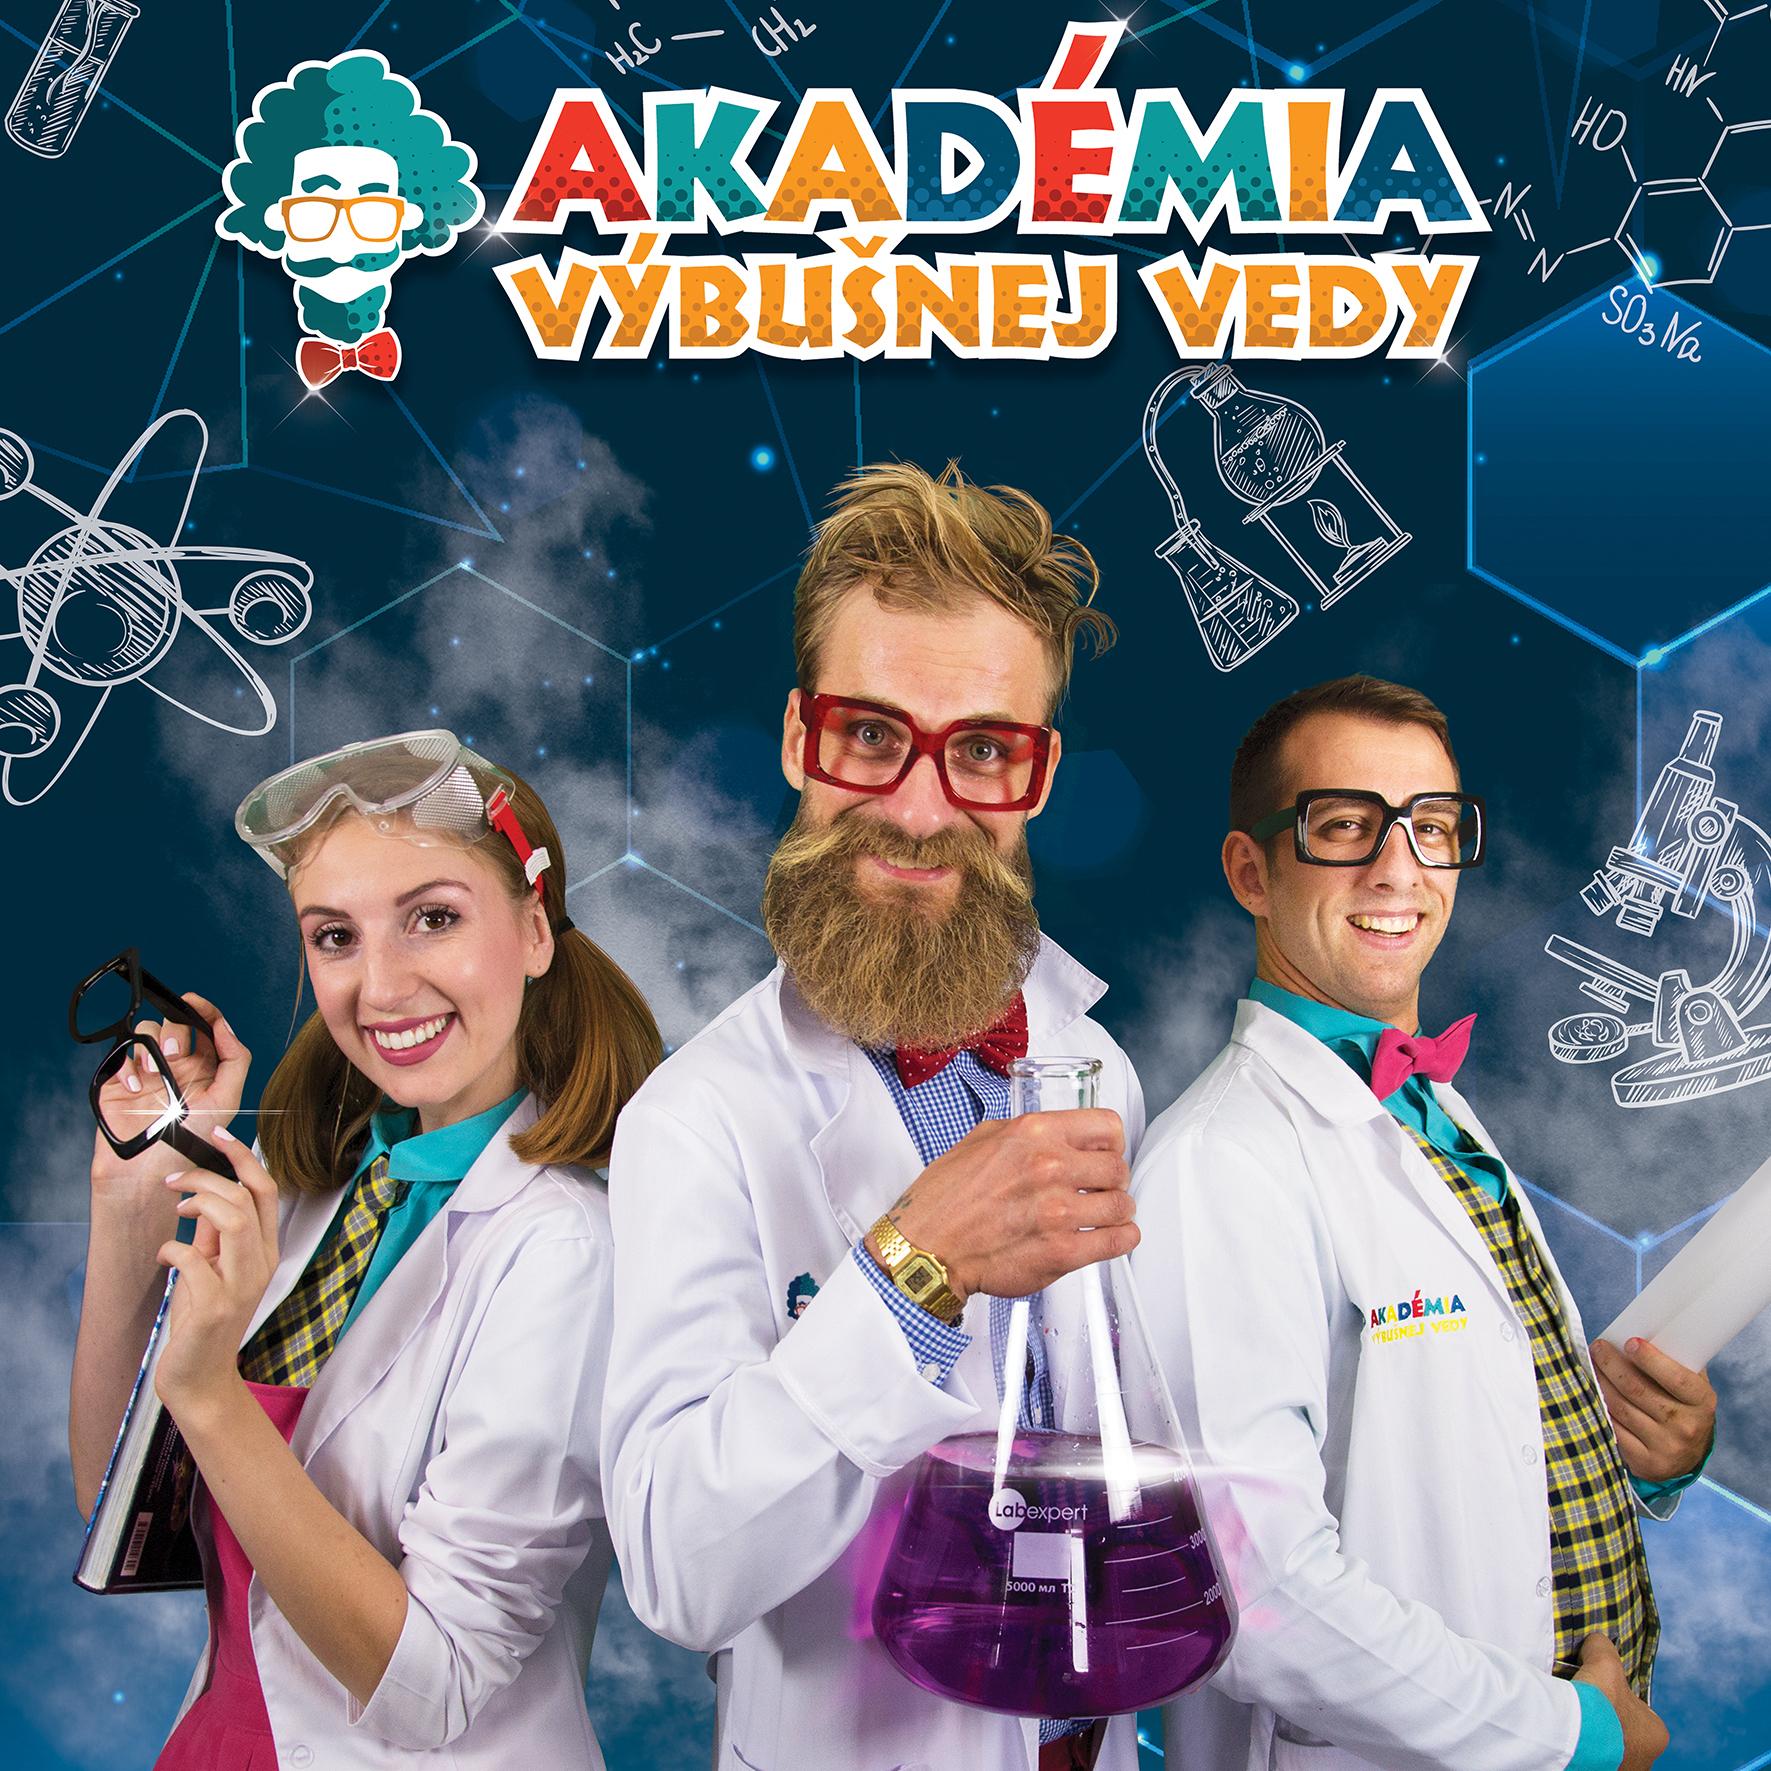 Akadémia výbušnej vedy